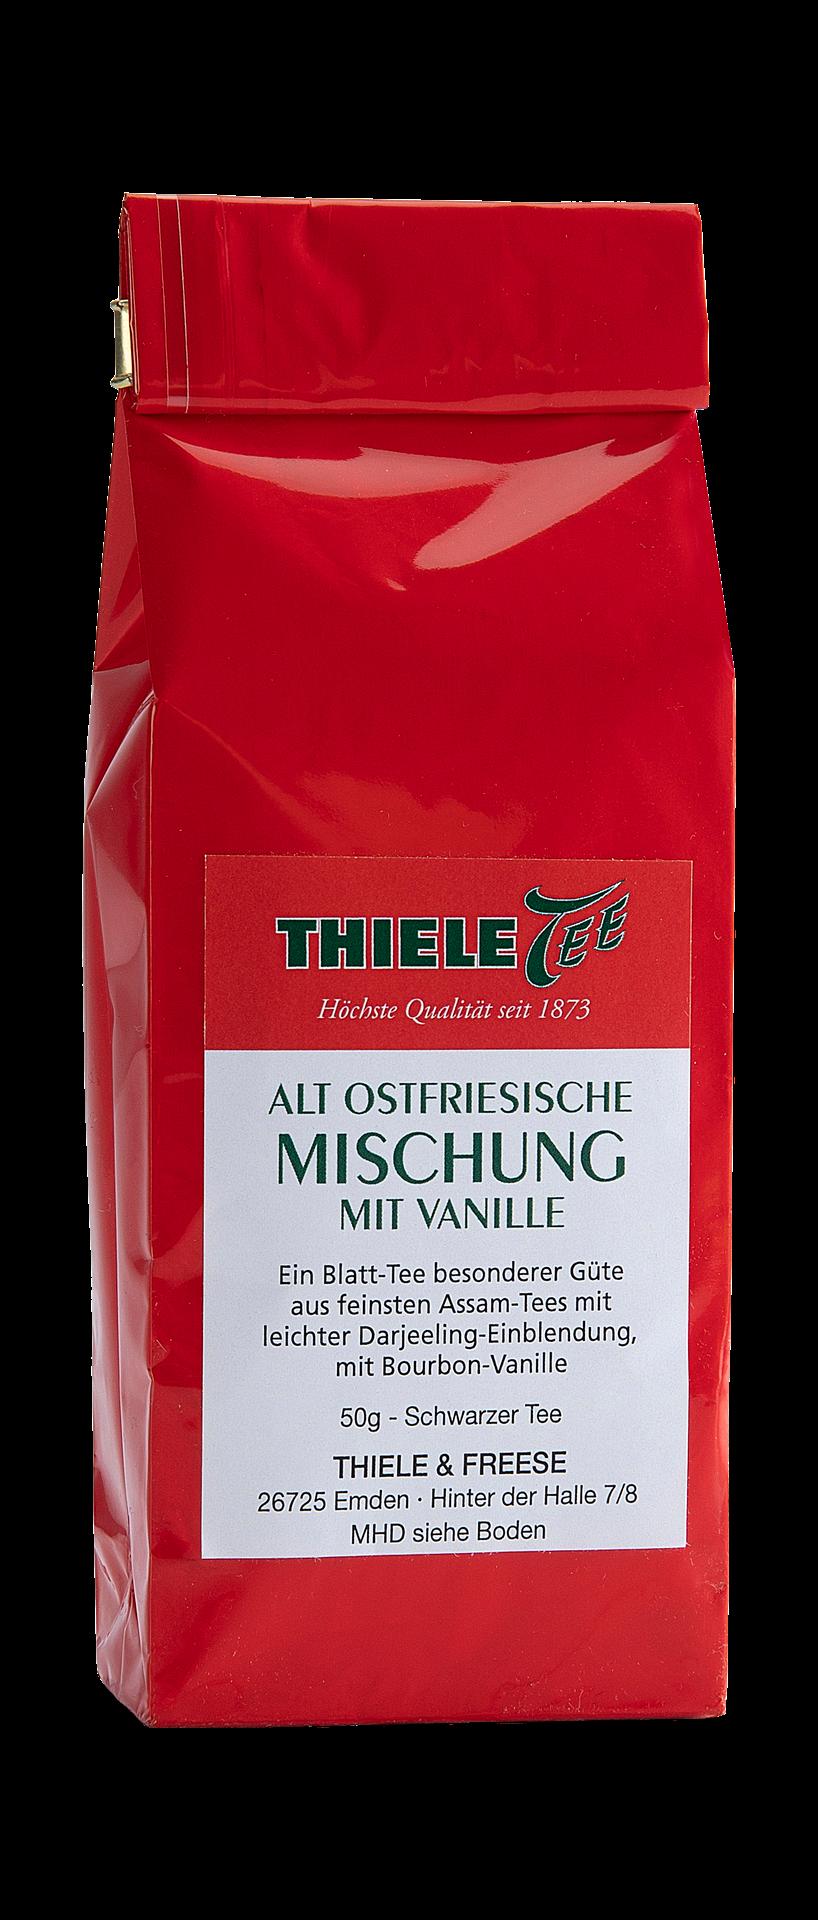 Alt-Ostfriesische Mischung mit Vanille 50g